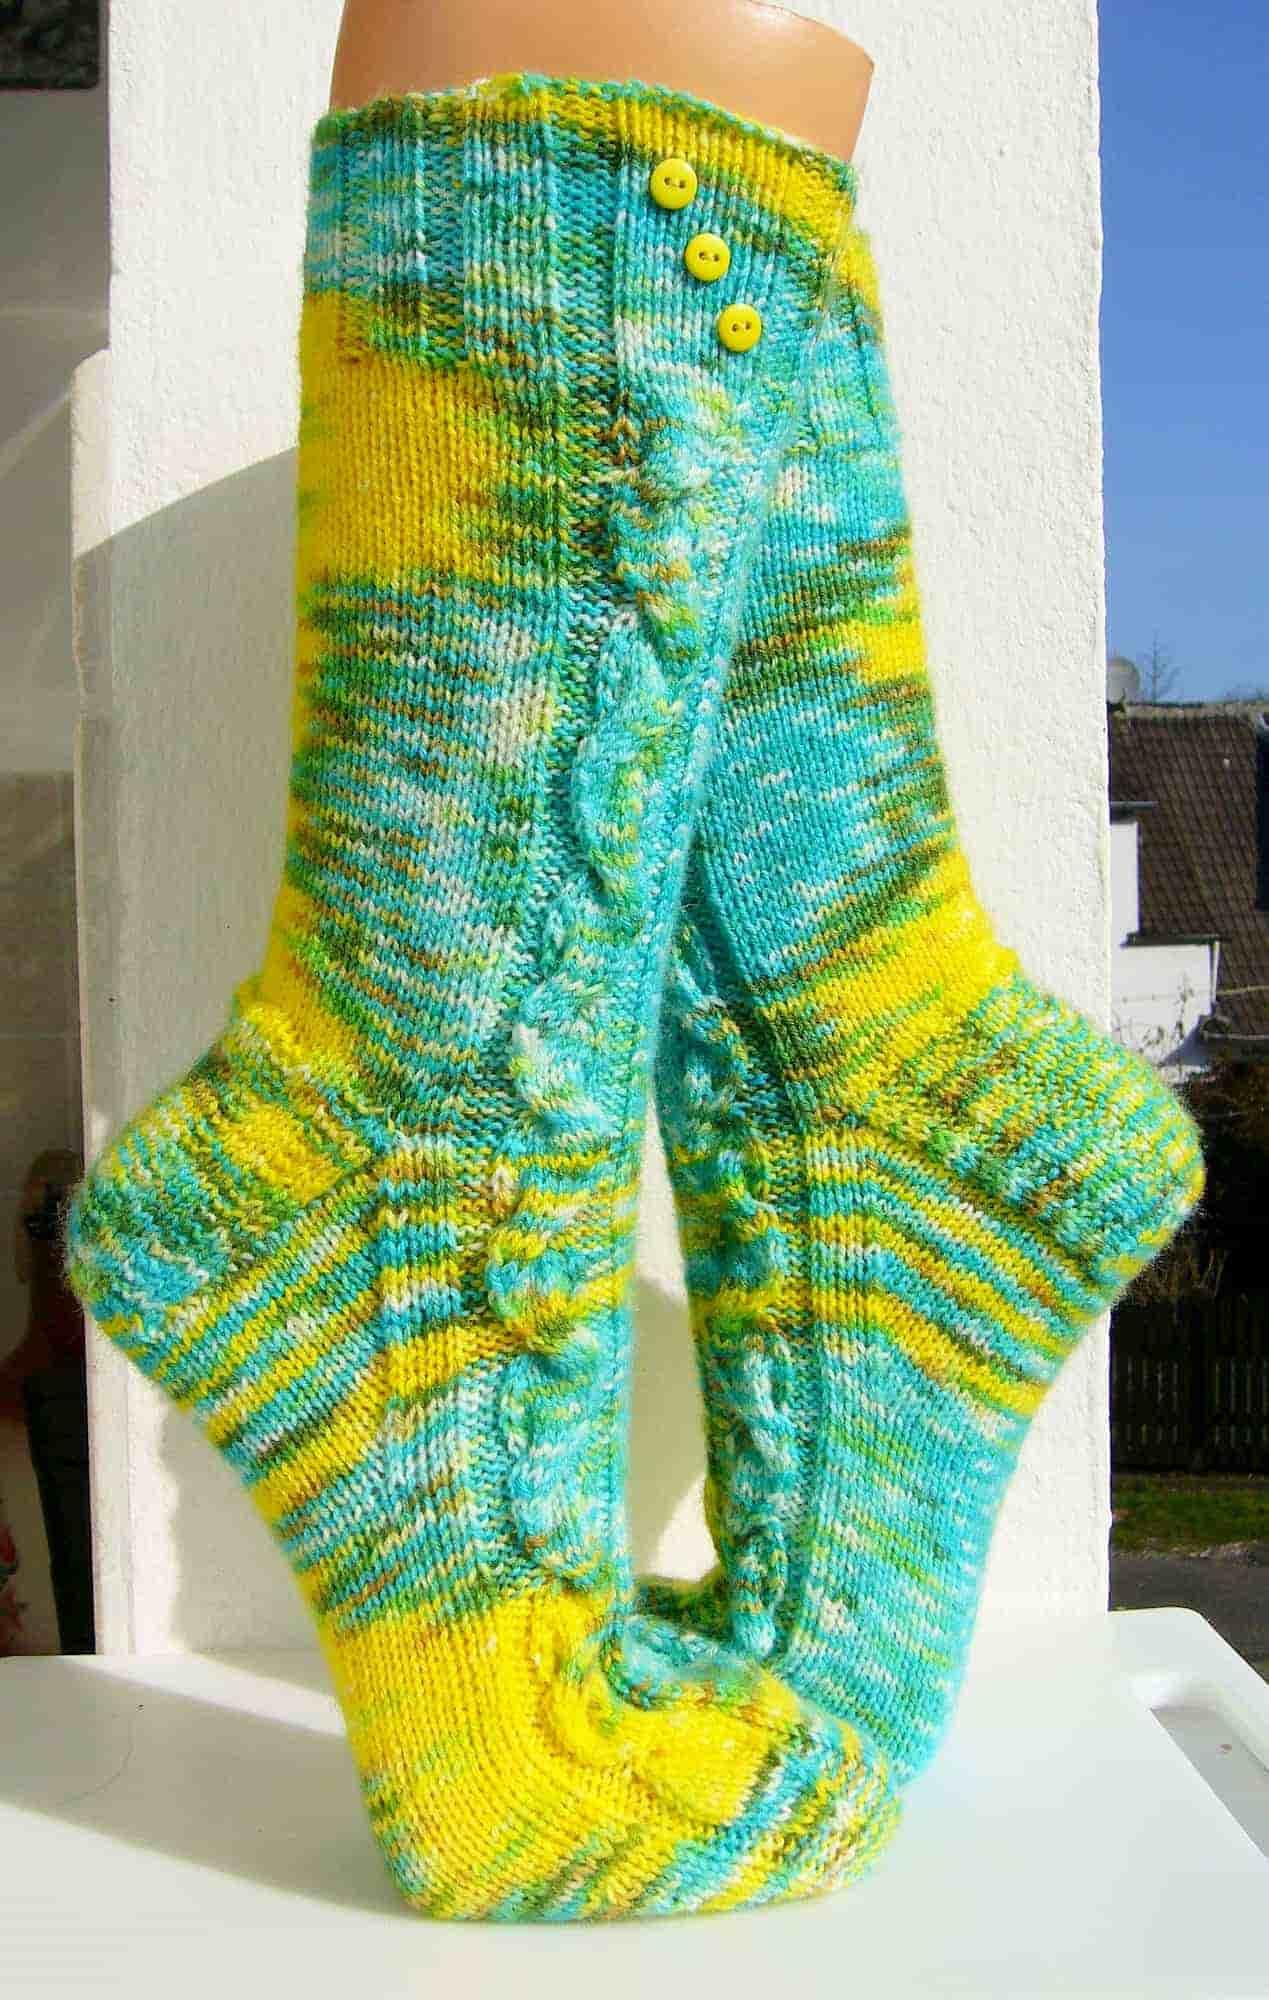 """""""Verwirrung"""" Zopfmuster-Socken mit wunderschönen Farbwilderung"""